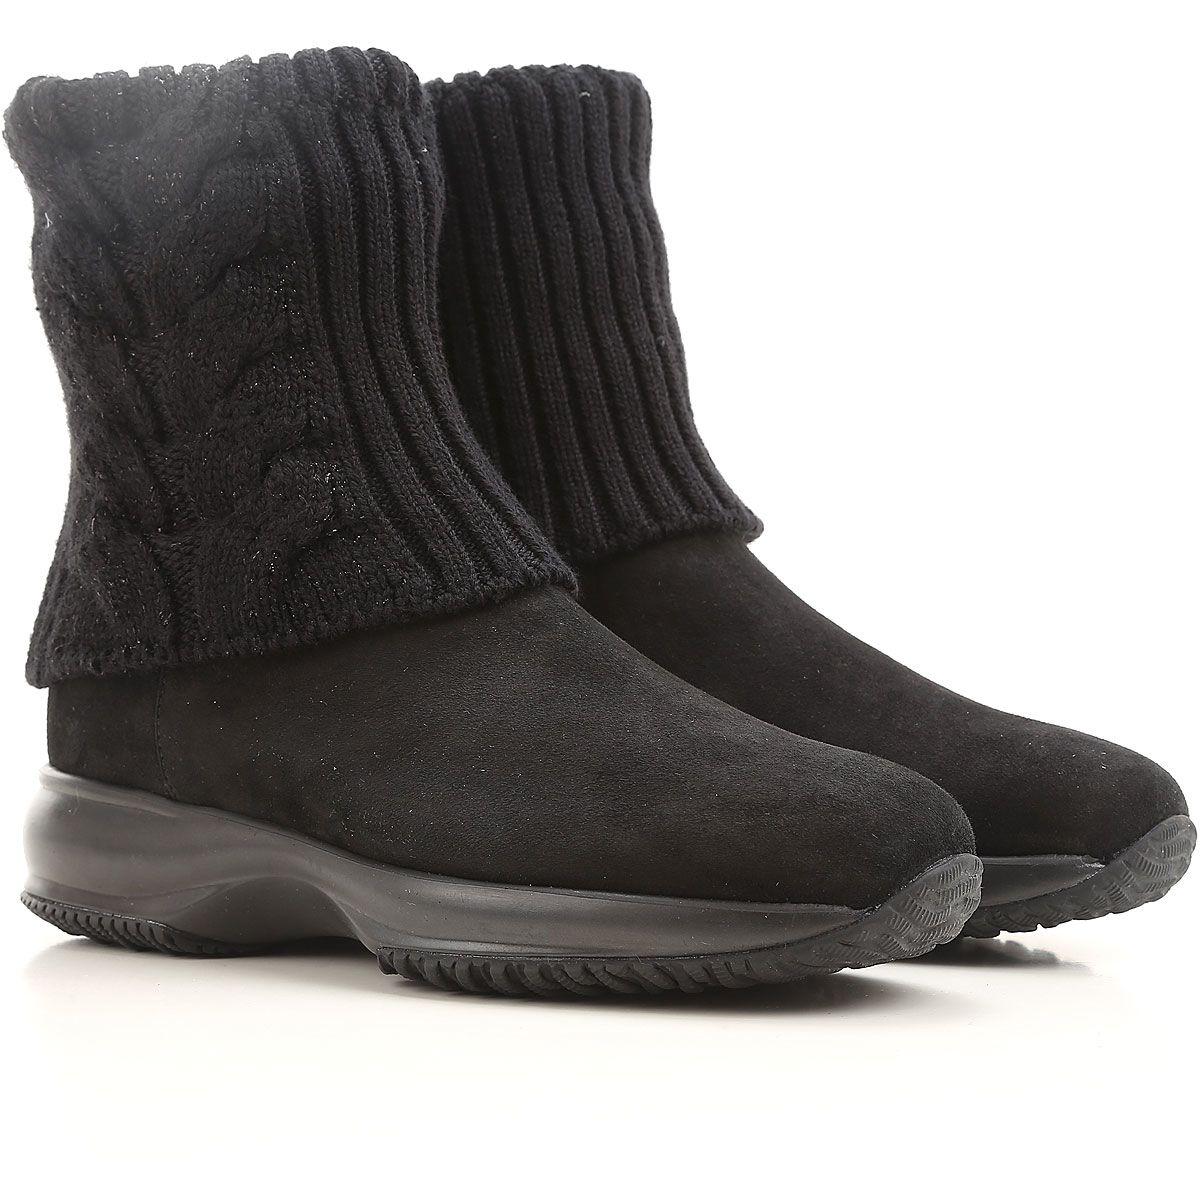 Women's Hogan Ankle Boots 8684006